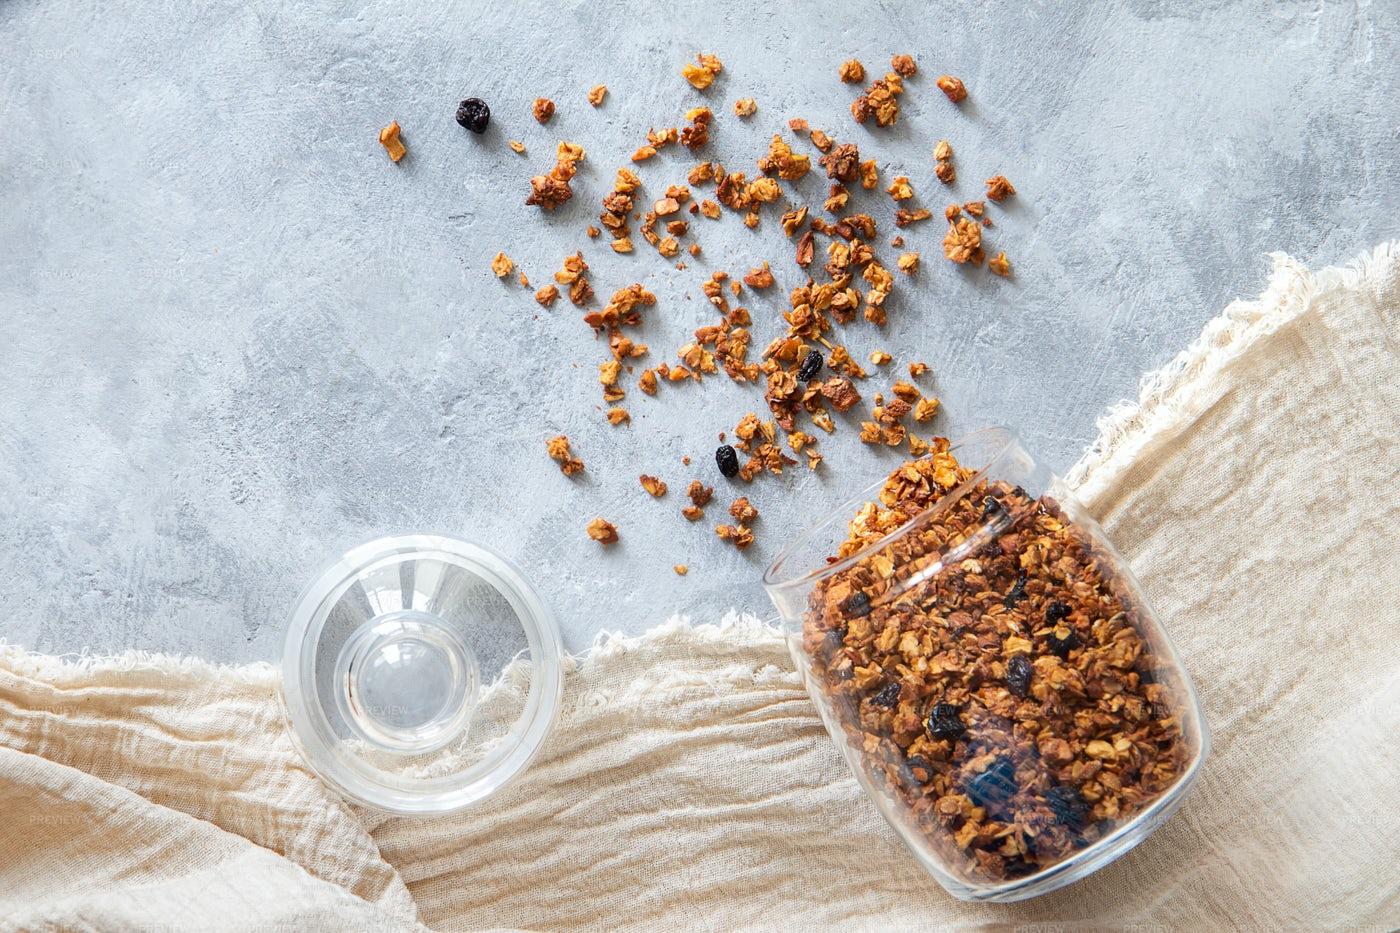 Glass Jar Of Granola: Stock Photos